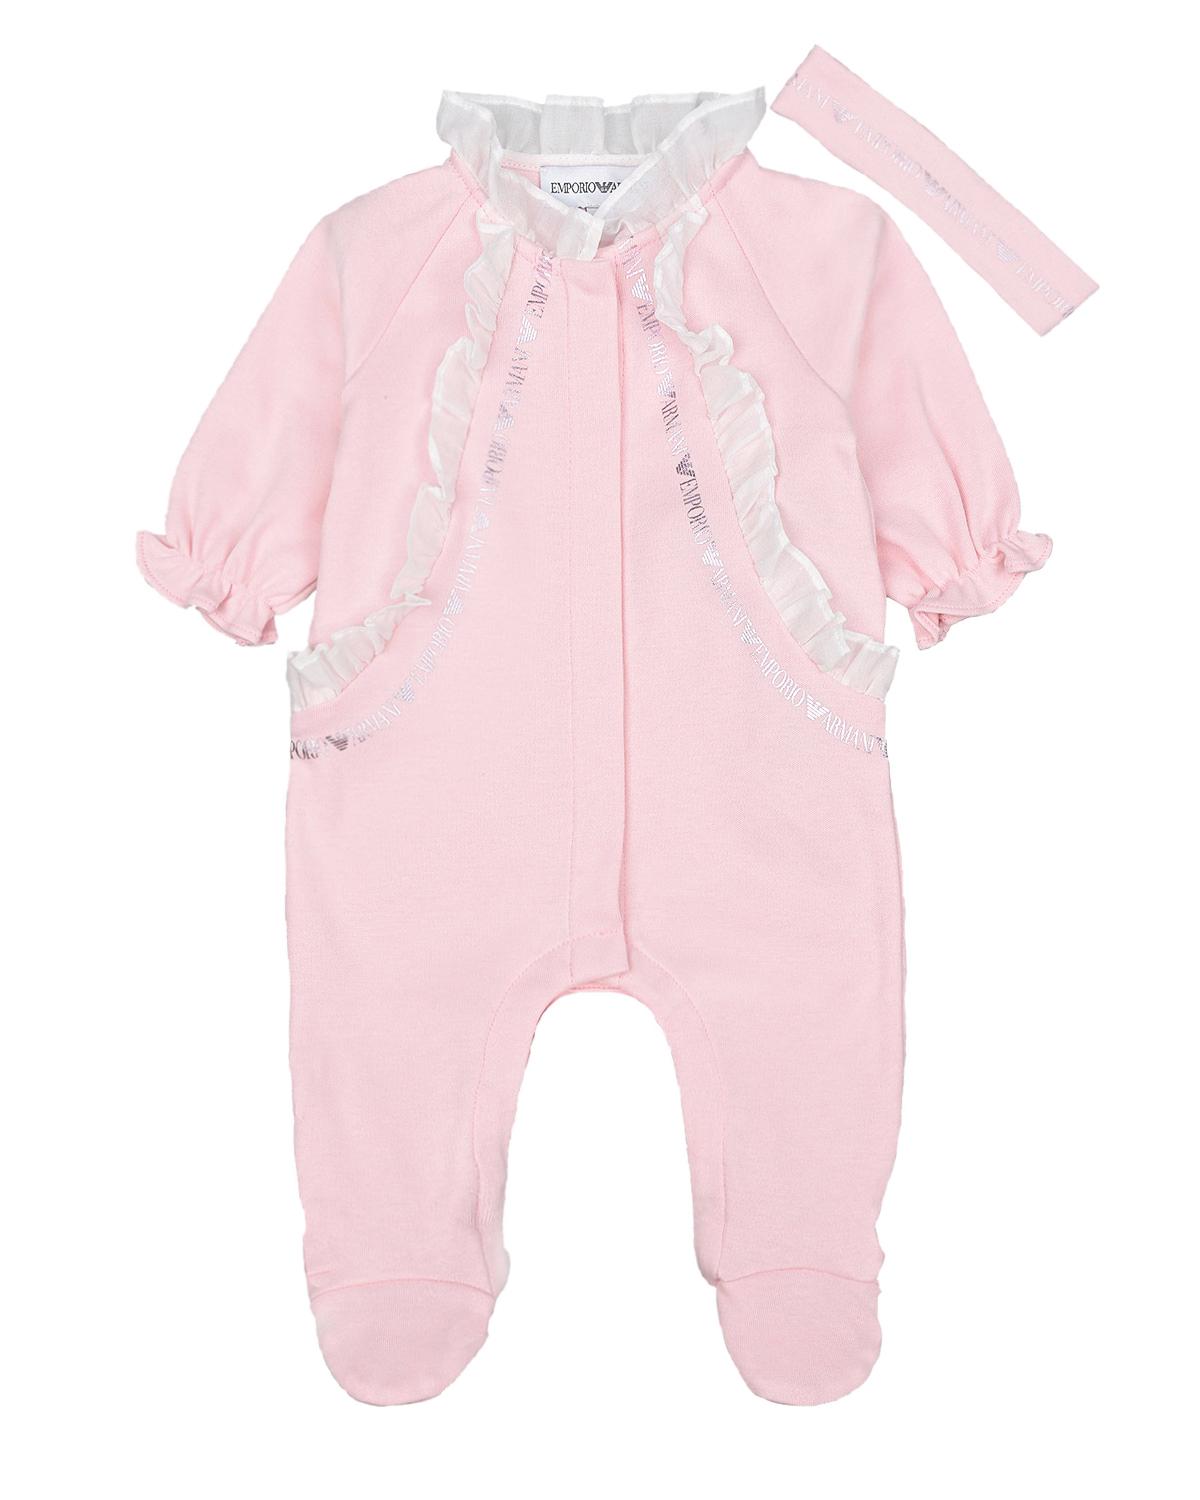 Купить Комплект из комбинезона и повязк с отделкой рюшами Emporio Armani детский, Розовый, 100%хлопок, 100%полиэстер